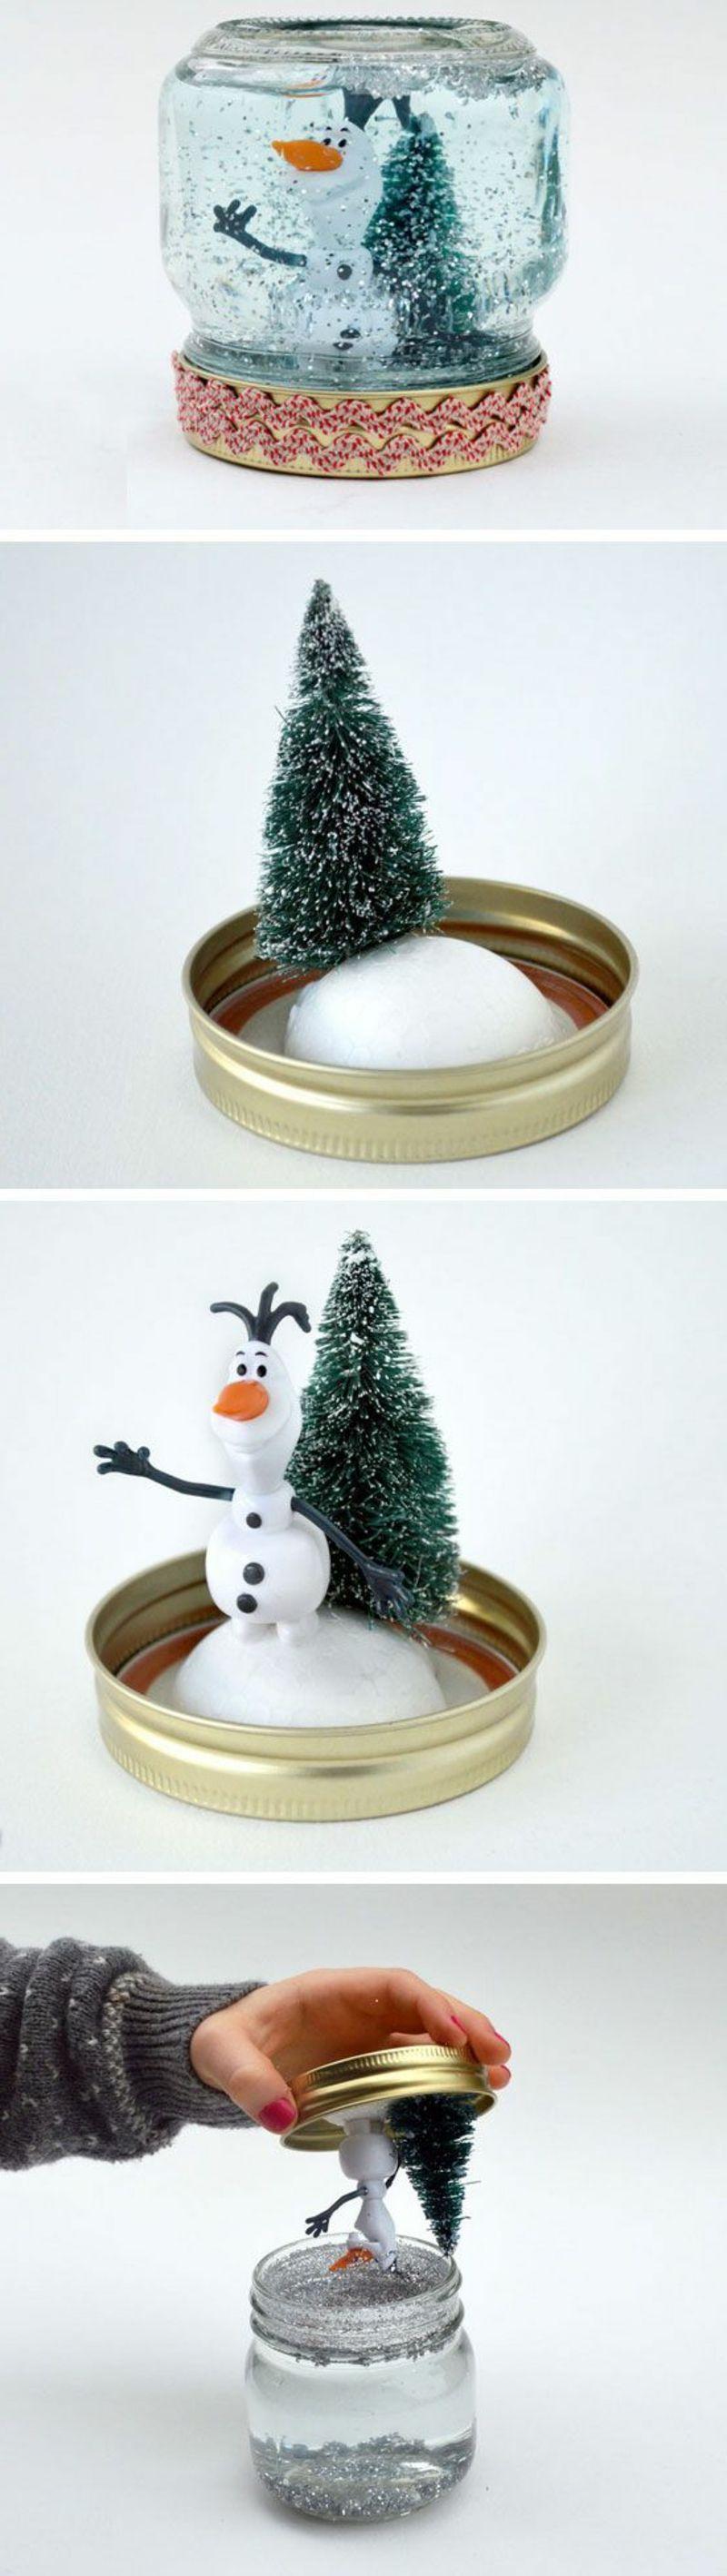 schneekugel selber machen basteln pinterest weihnachten diy weihnachten und basteln. Black Bedroom Furniture Sets. Home Design Ideas